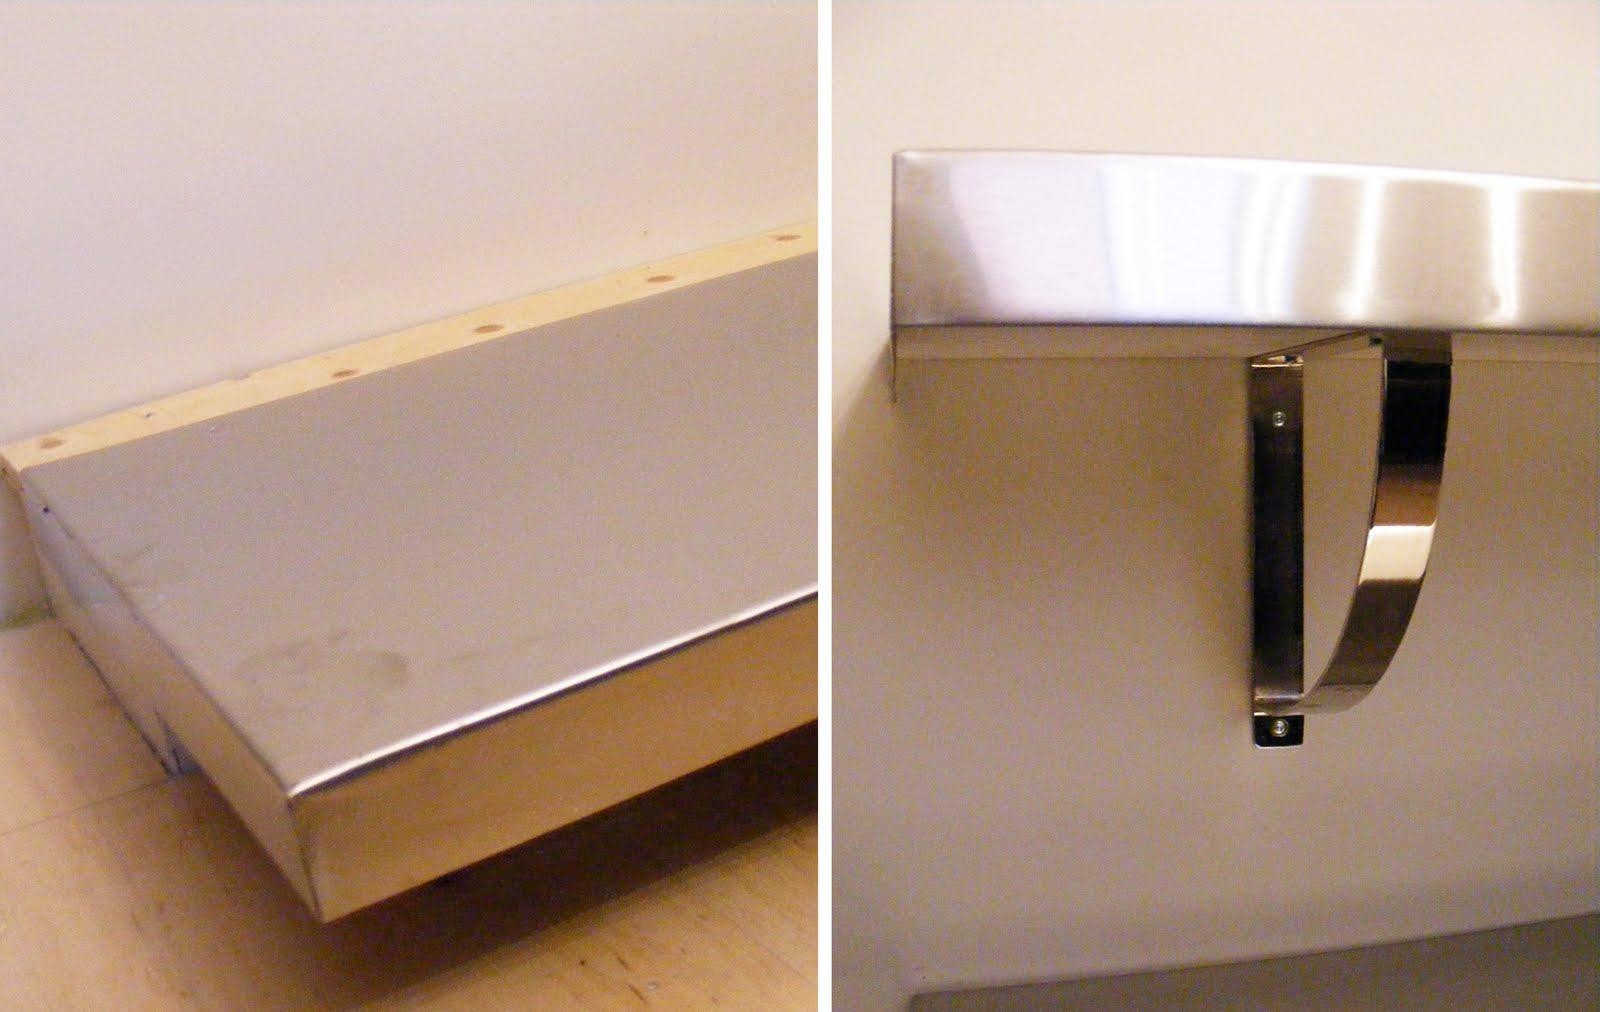 DIY Stainless Steel Shelves